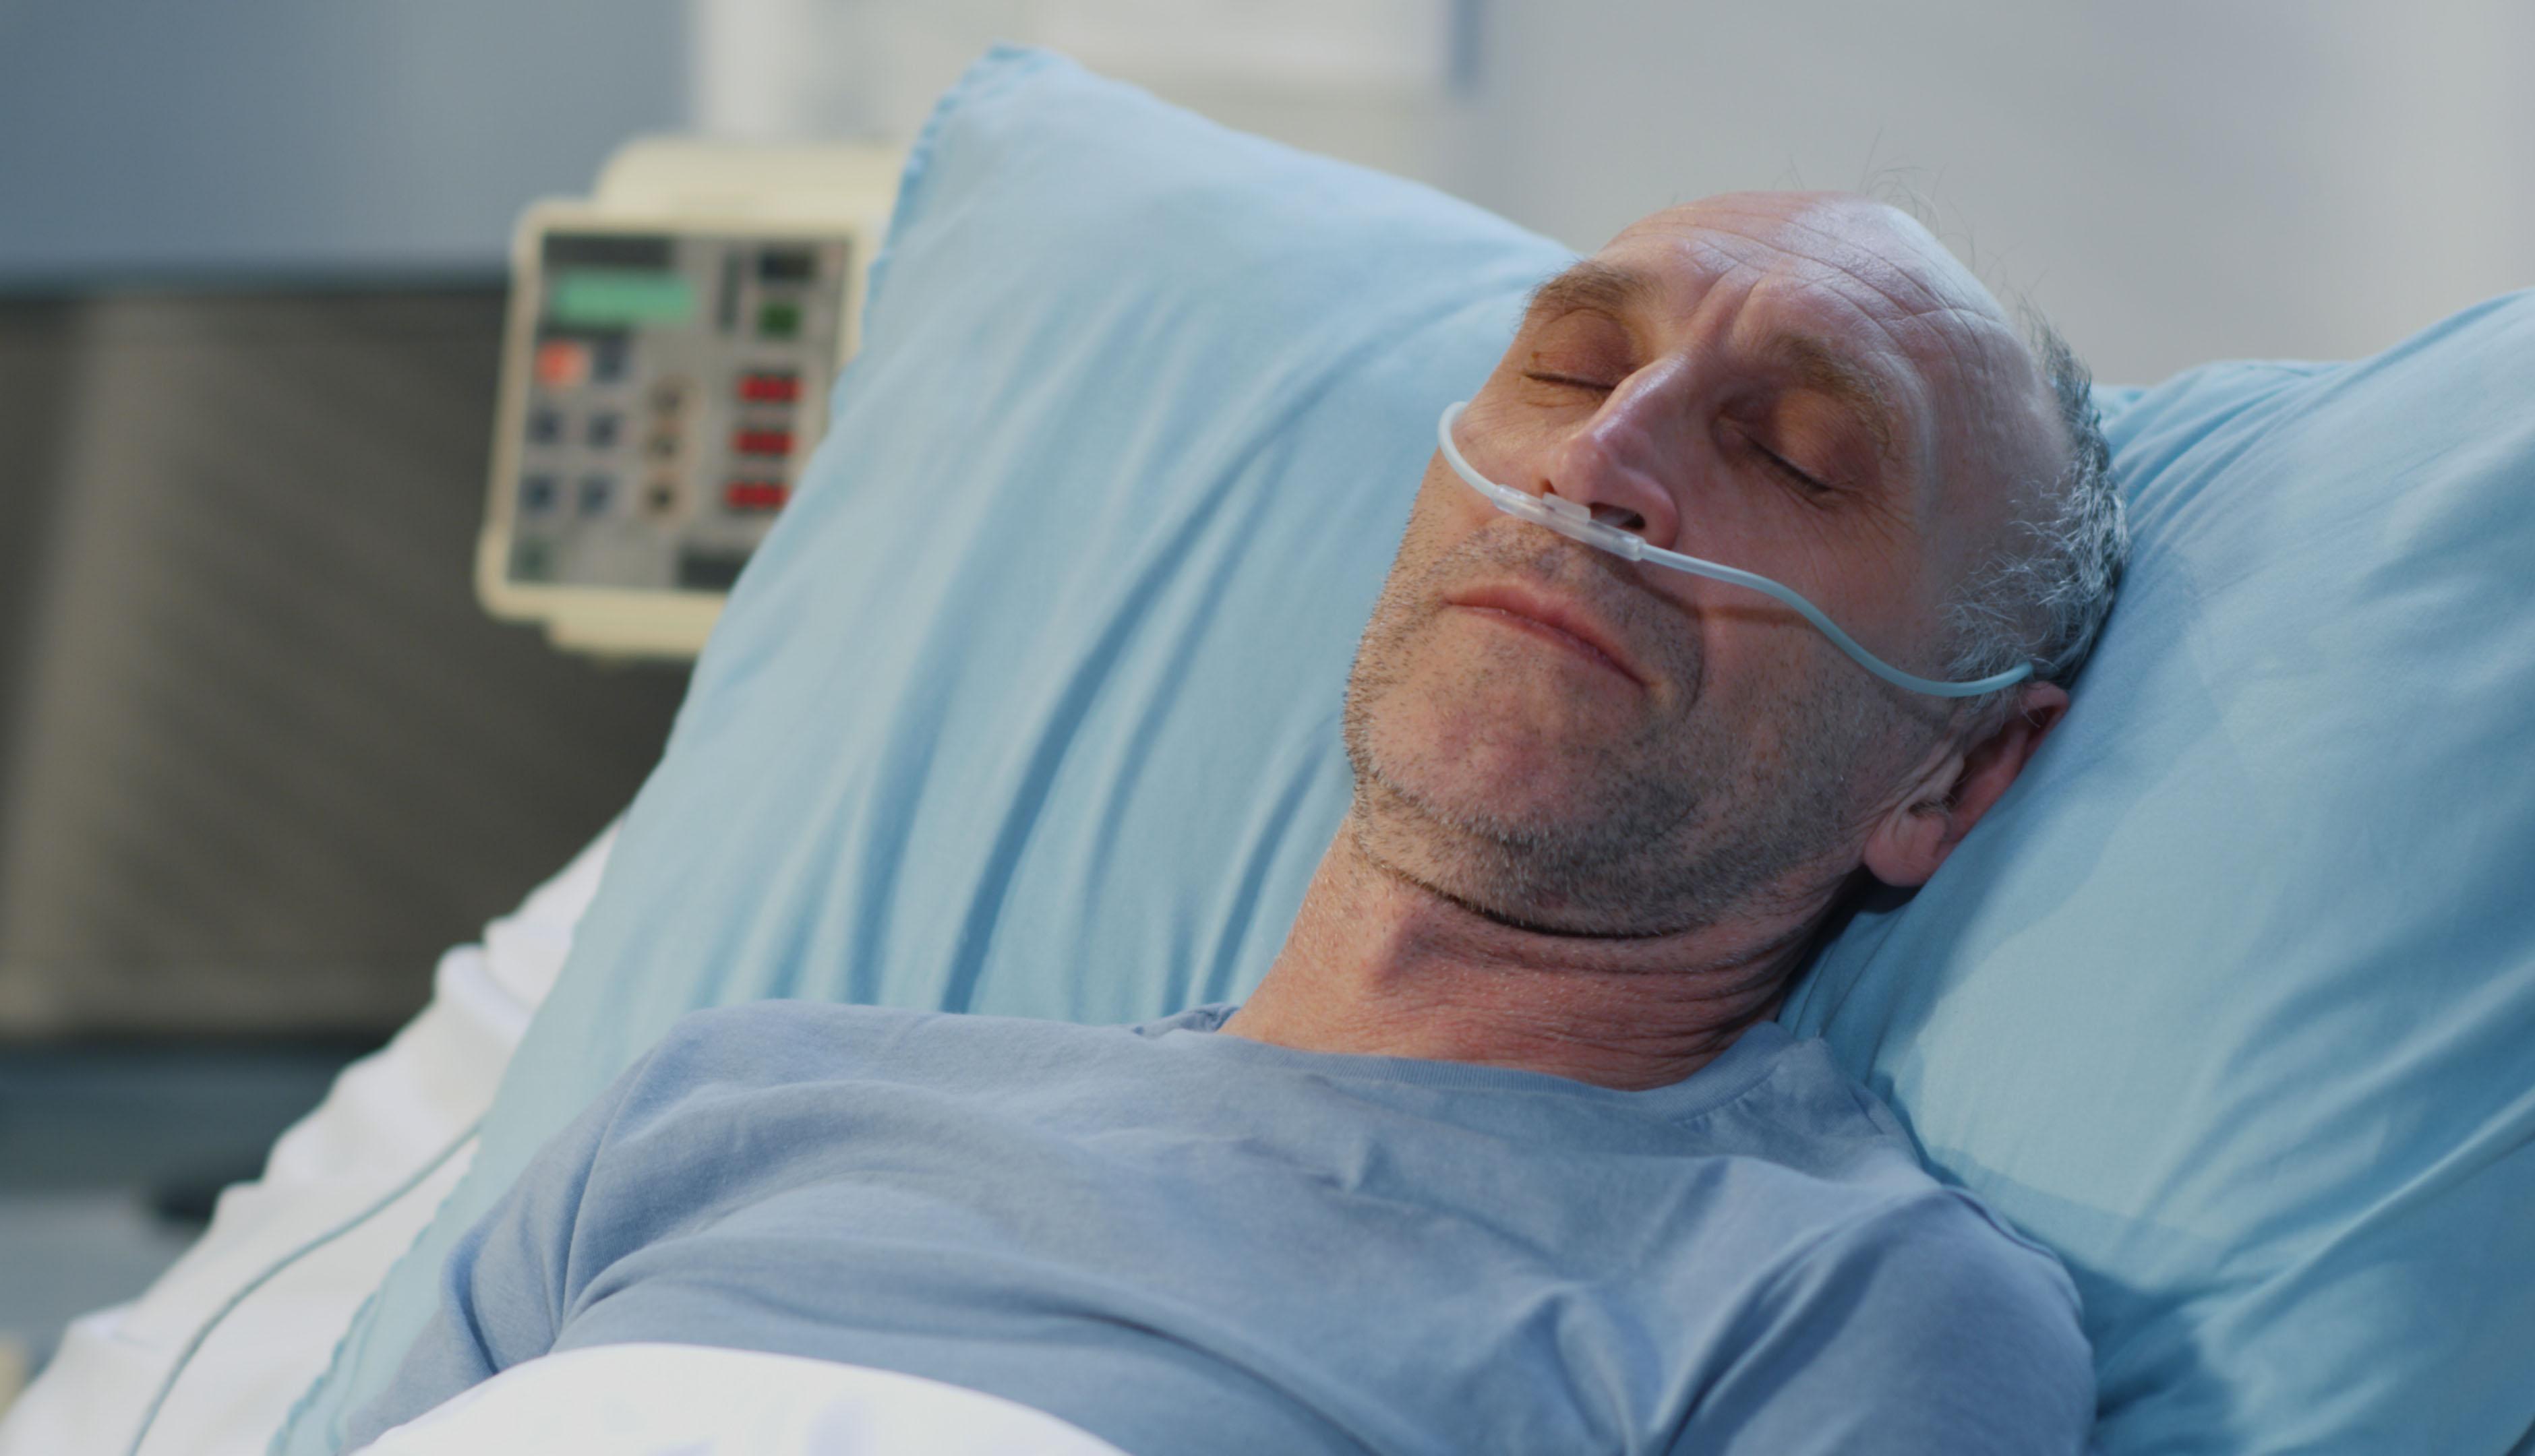 Un hombre duerme en una camilla mientras recibe oxigeno